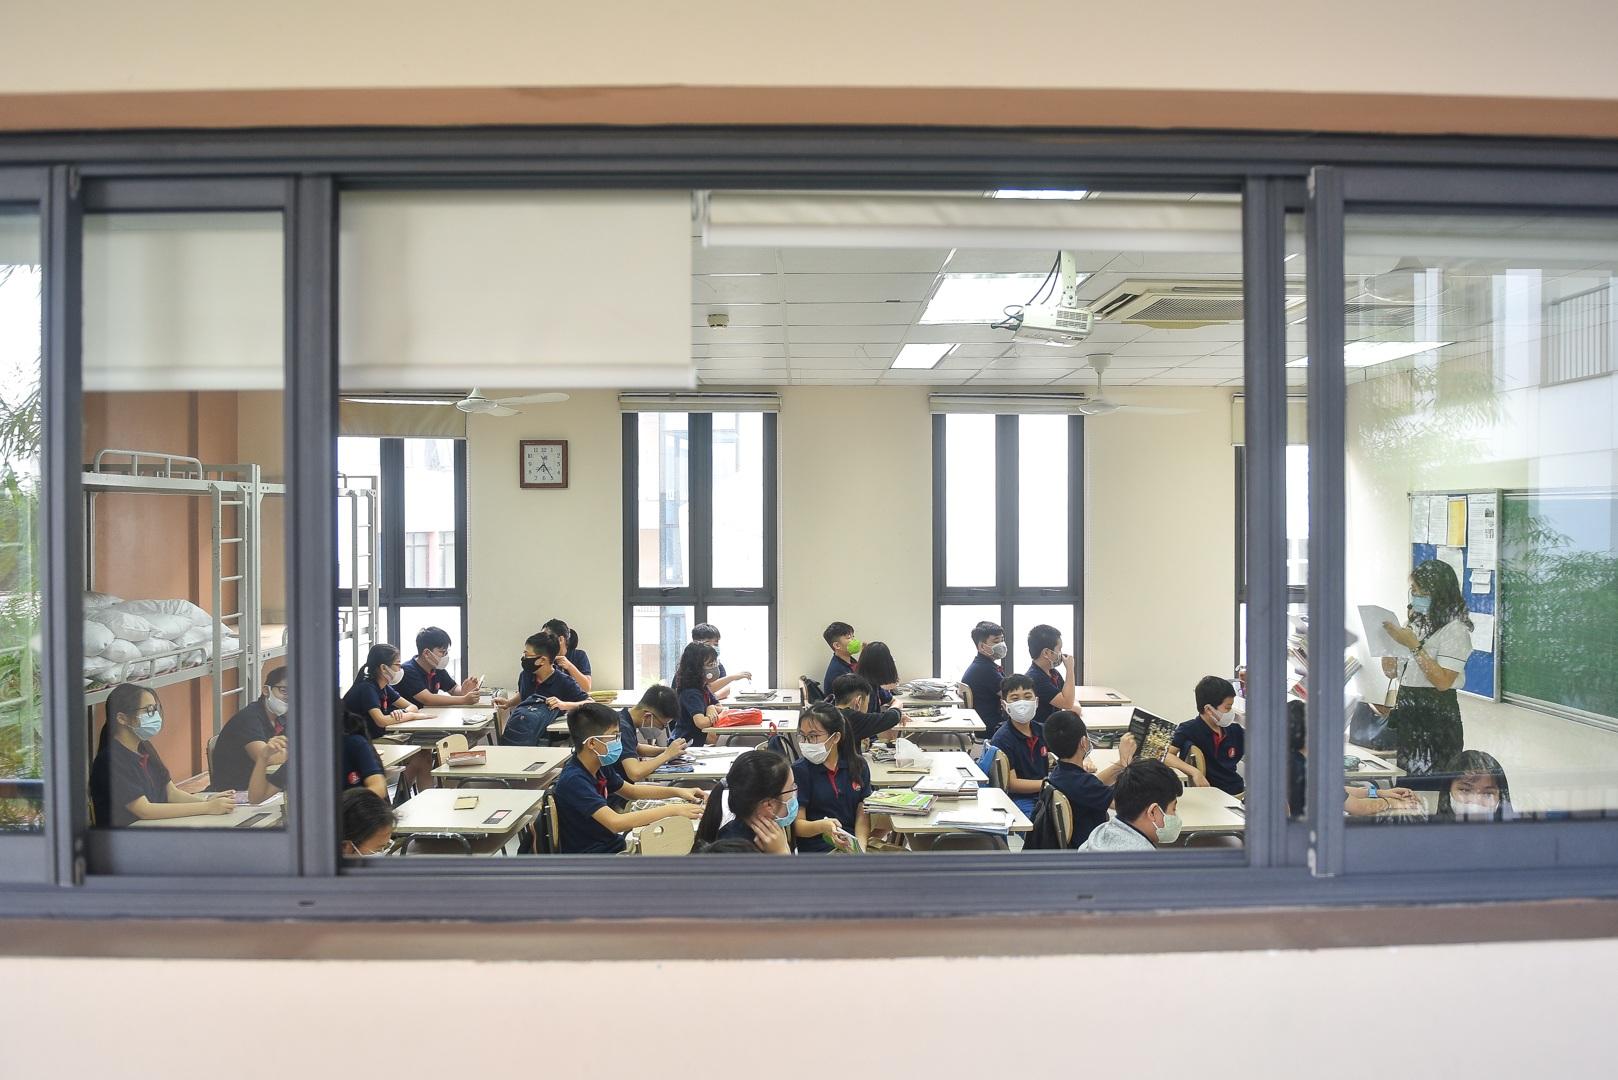 Tiết học đầu tiên giàu cảm xúc của học sinh Hà Nội sau 3 tháng nghỉ dịch - 14